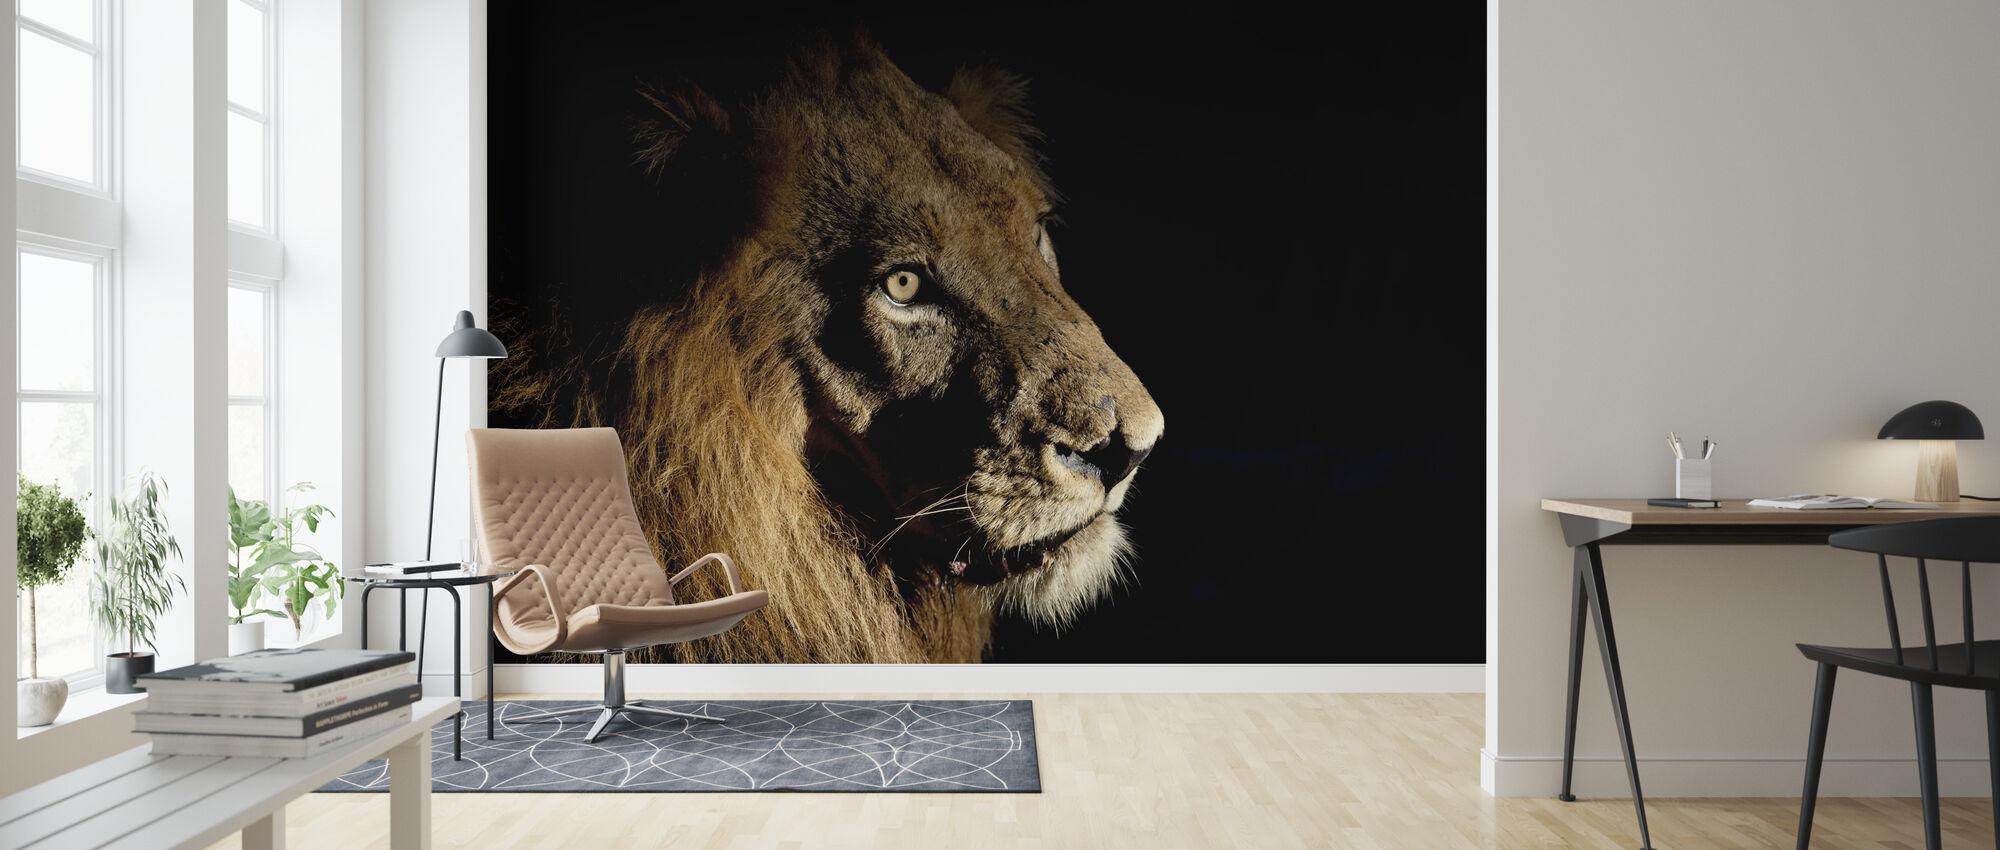 Lion on Spot Light - Wallpaper - Living Room